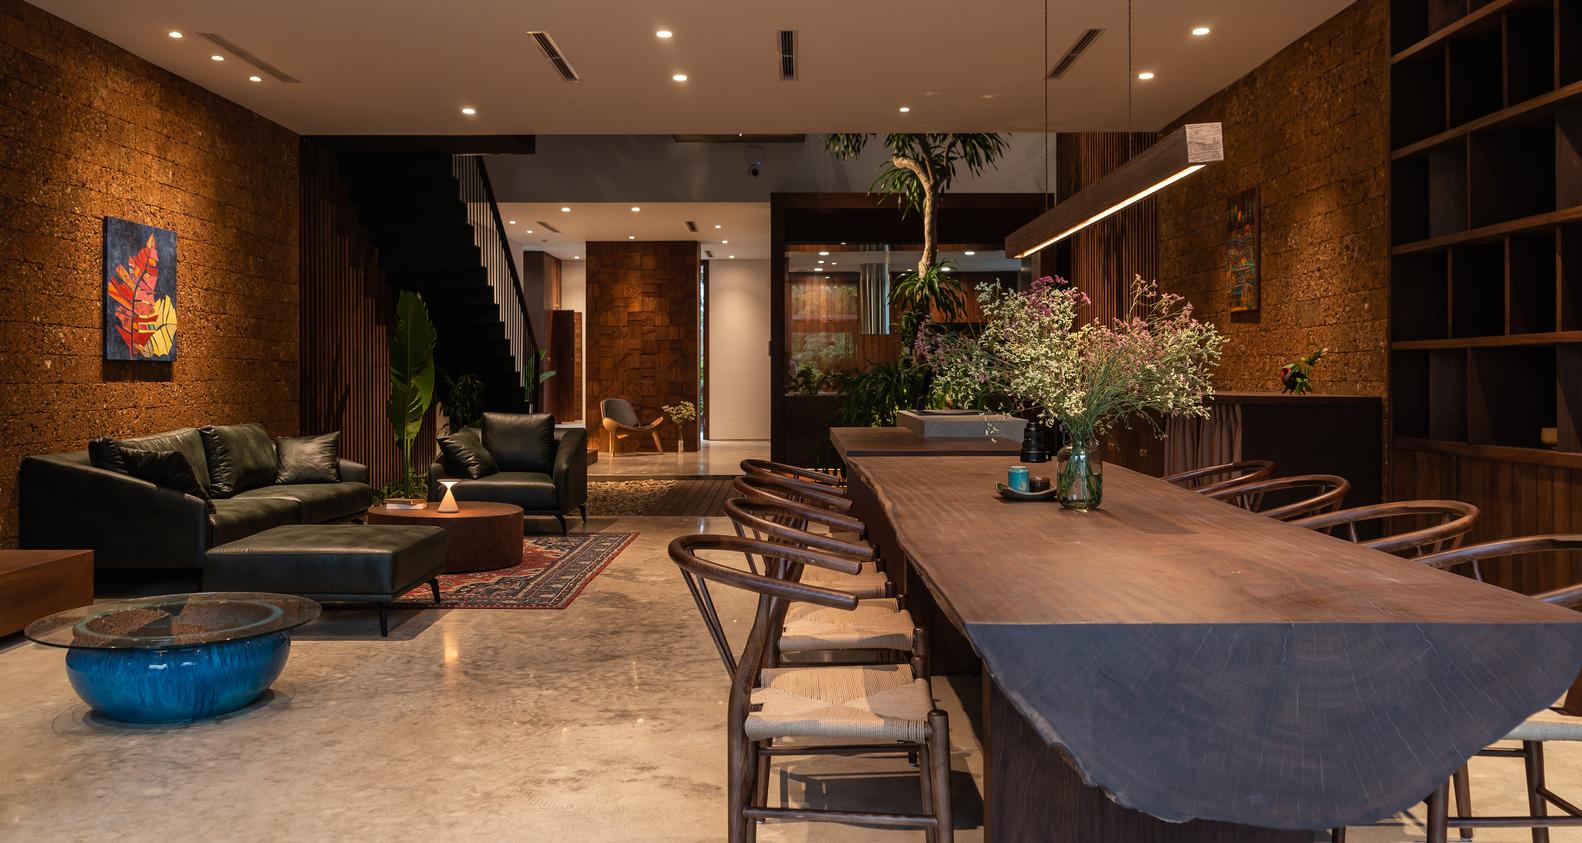 Hình ảnh phòng khách với tường gạch tổ ong, ghế sofa màu xanh lá, tranh treo tường màu sắc, cạnh đó là khu bếp ăn hiện đại